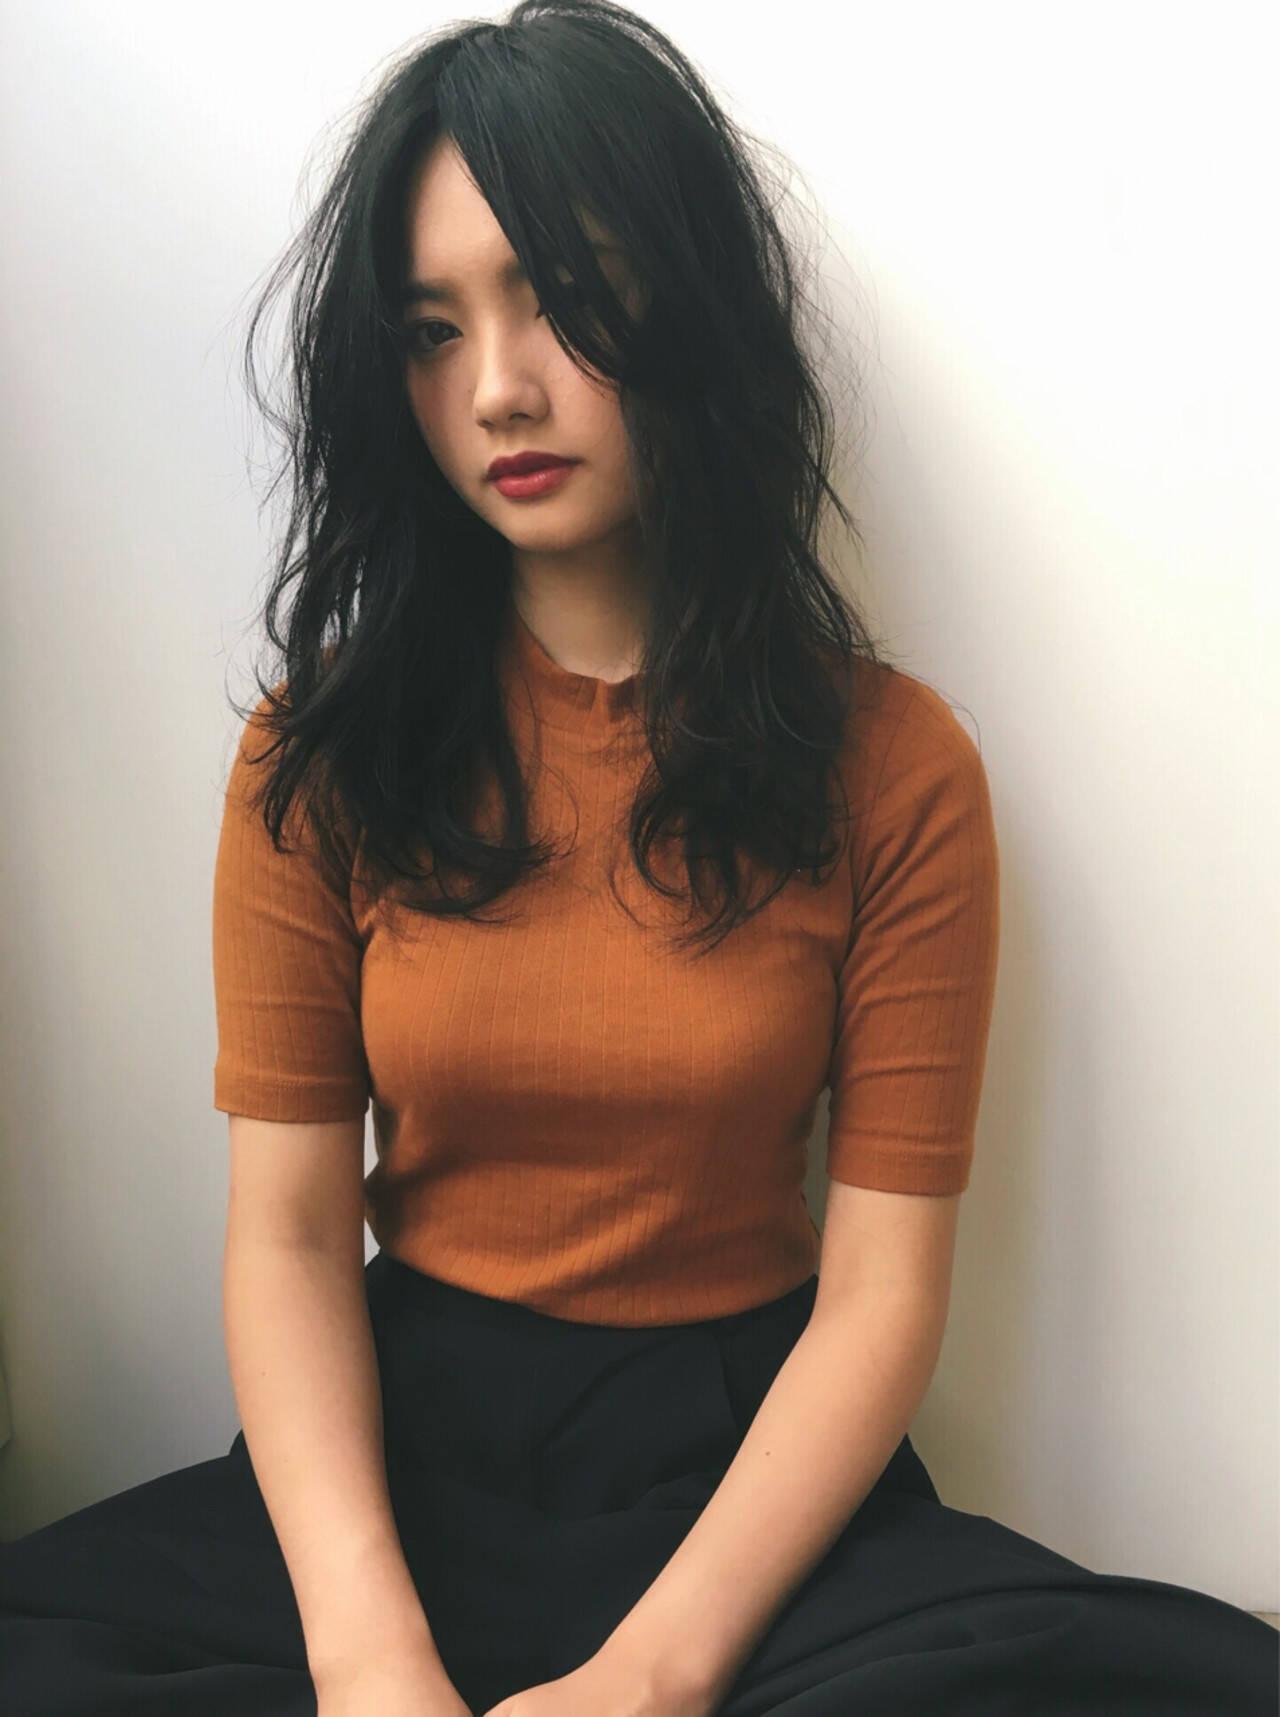 ナチュラル 黒髪 ロング パーマヘアスタイルや髪型の写真・画像